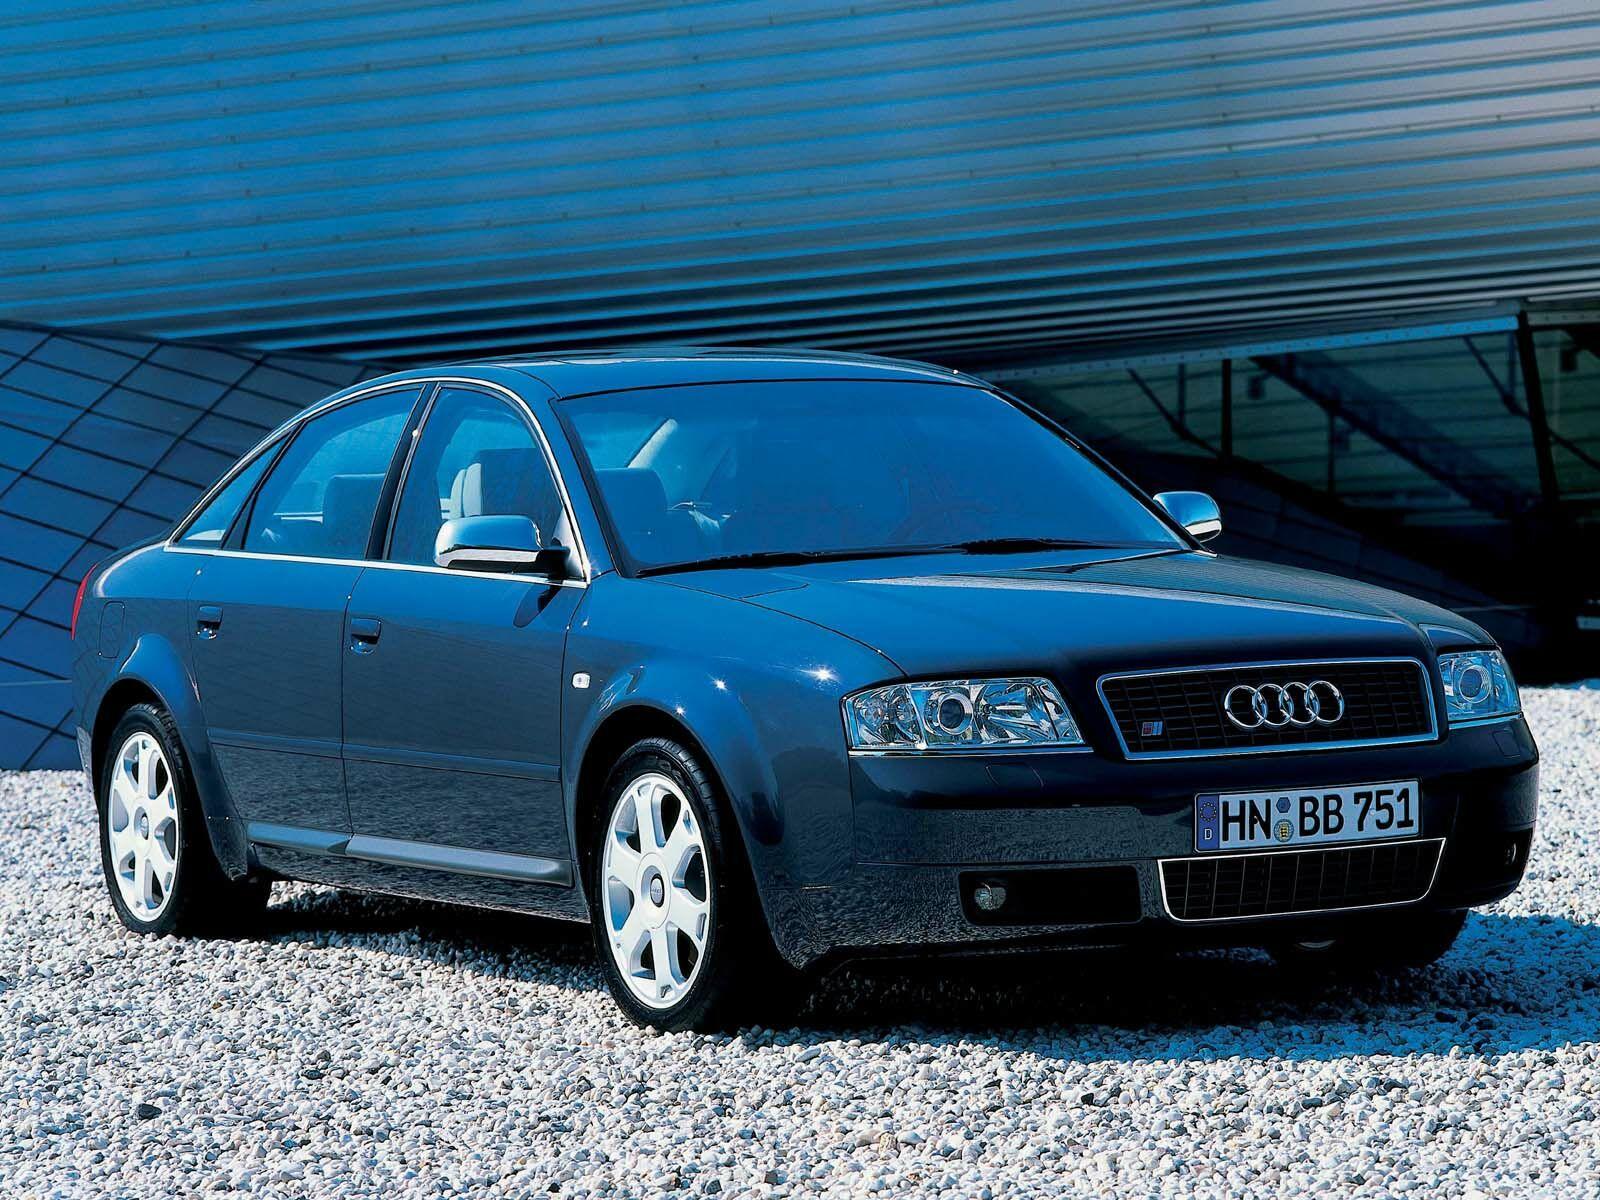 奥迪 Audi A6 3 桌面壁纸 壁纸大卡 壁纸桌面高清图片